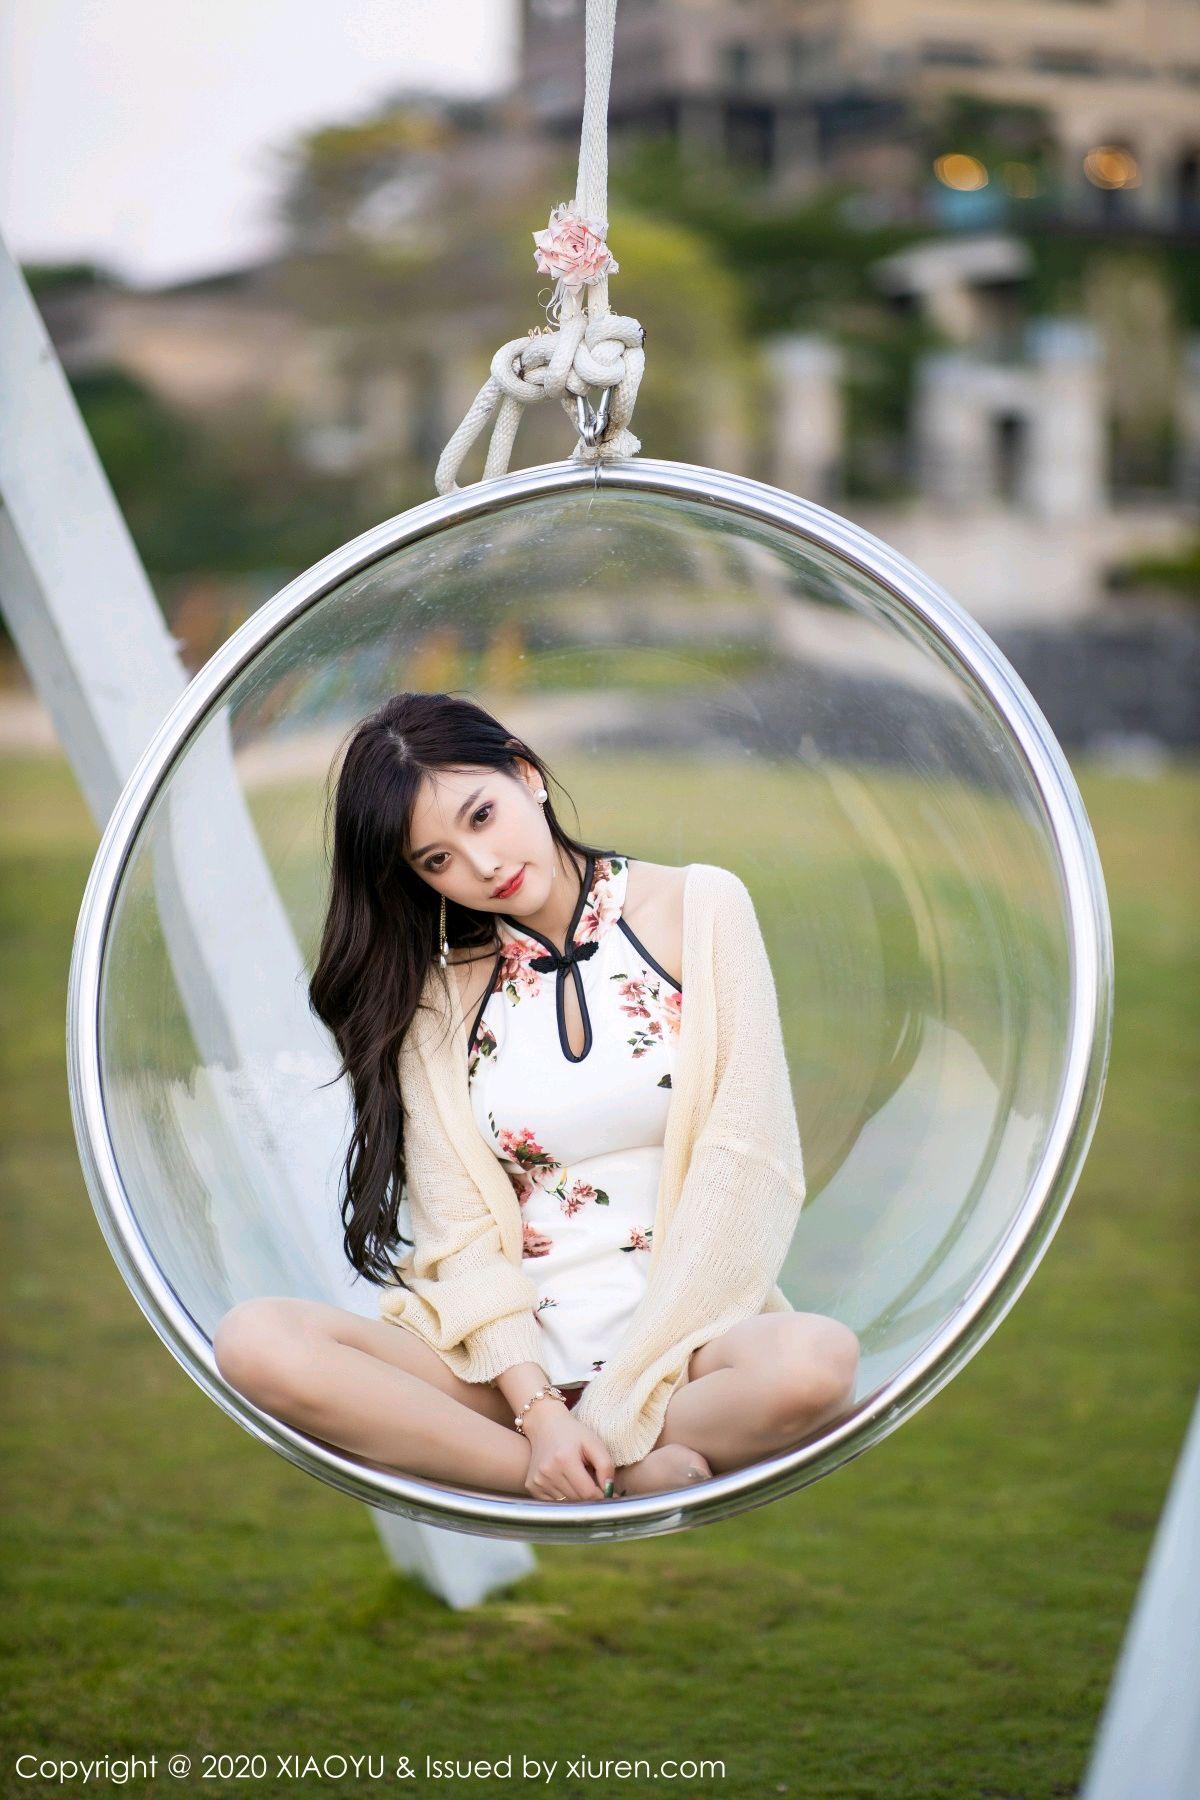 [XiaoYu] Vol.233 Yang Chen Chen 87P, Cheongsam, Foot, XiaoYu, Yang Chen Chen